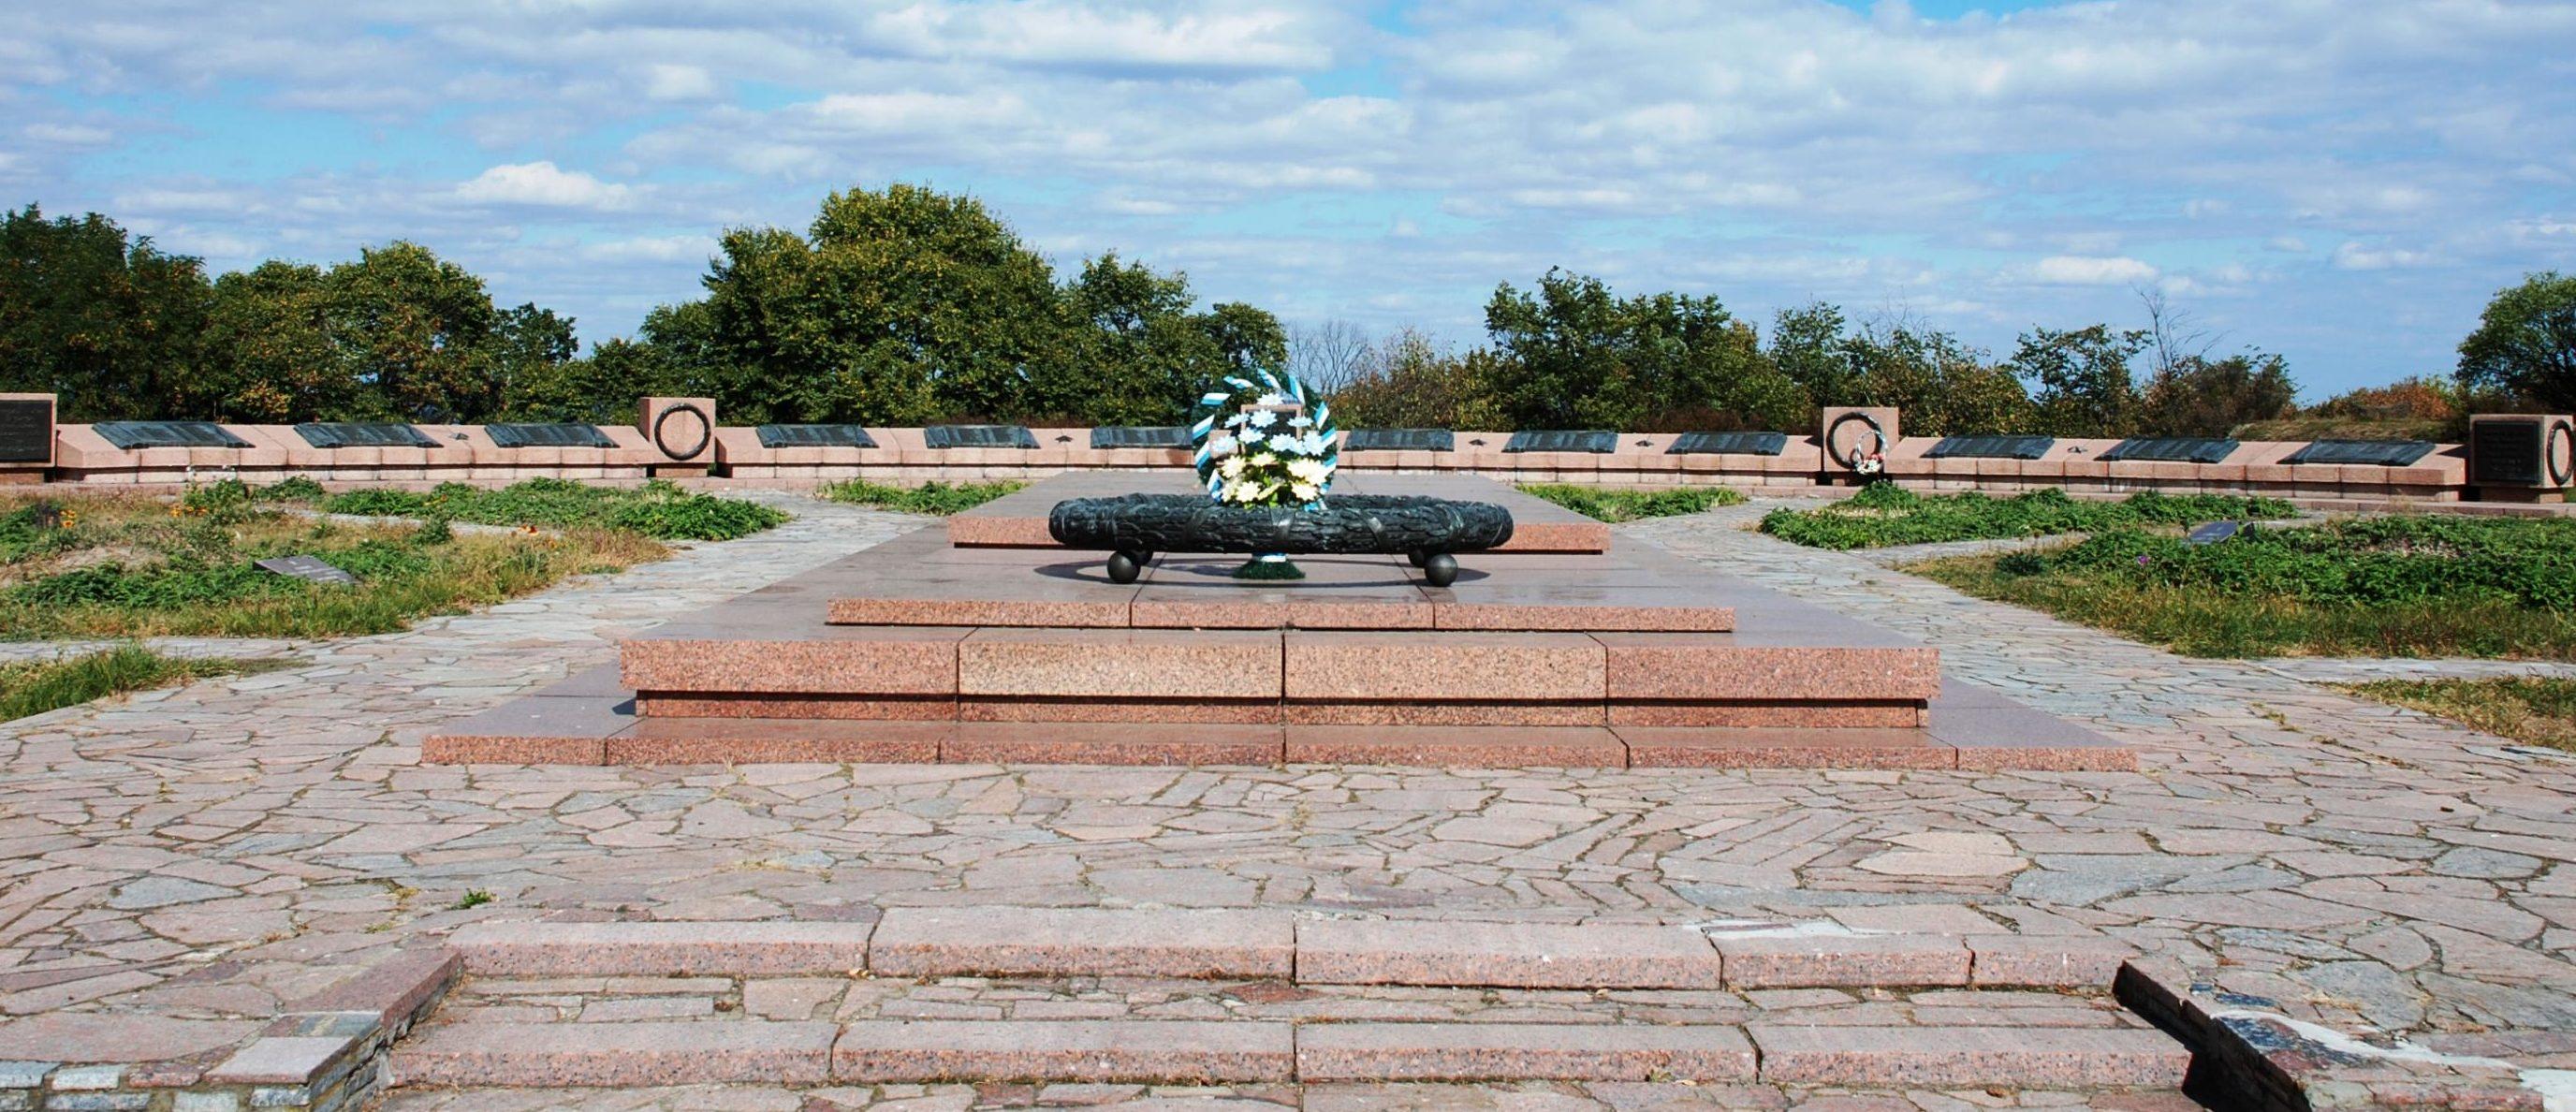 Общий вид мемориального комплекса «Битва за Днепр».